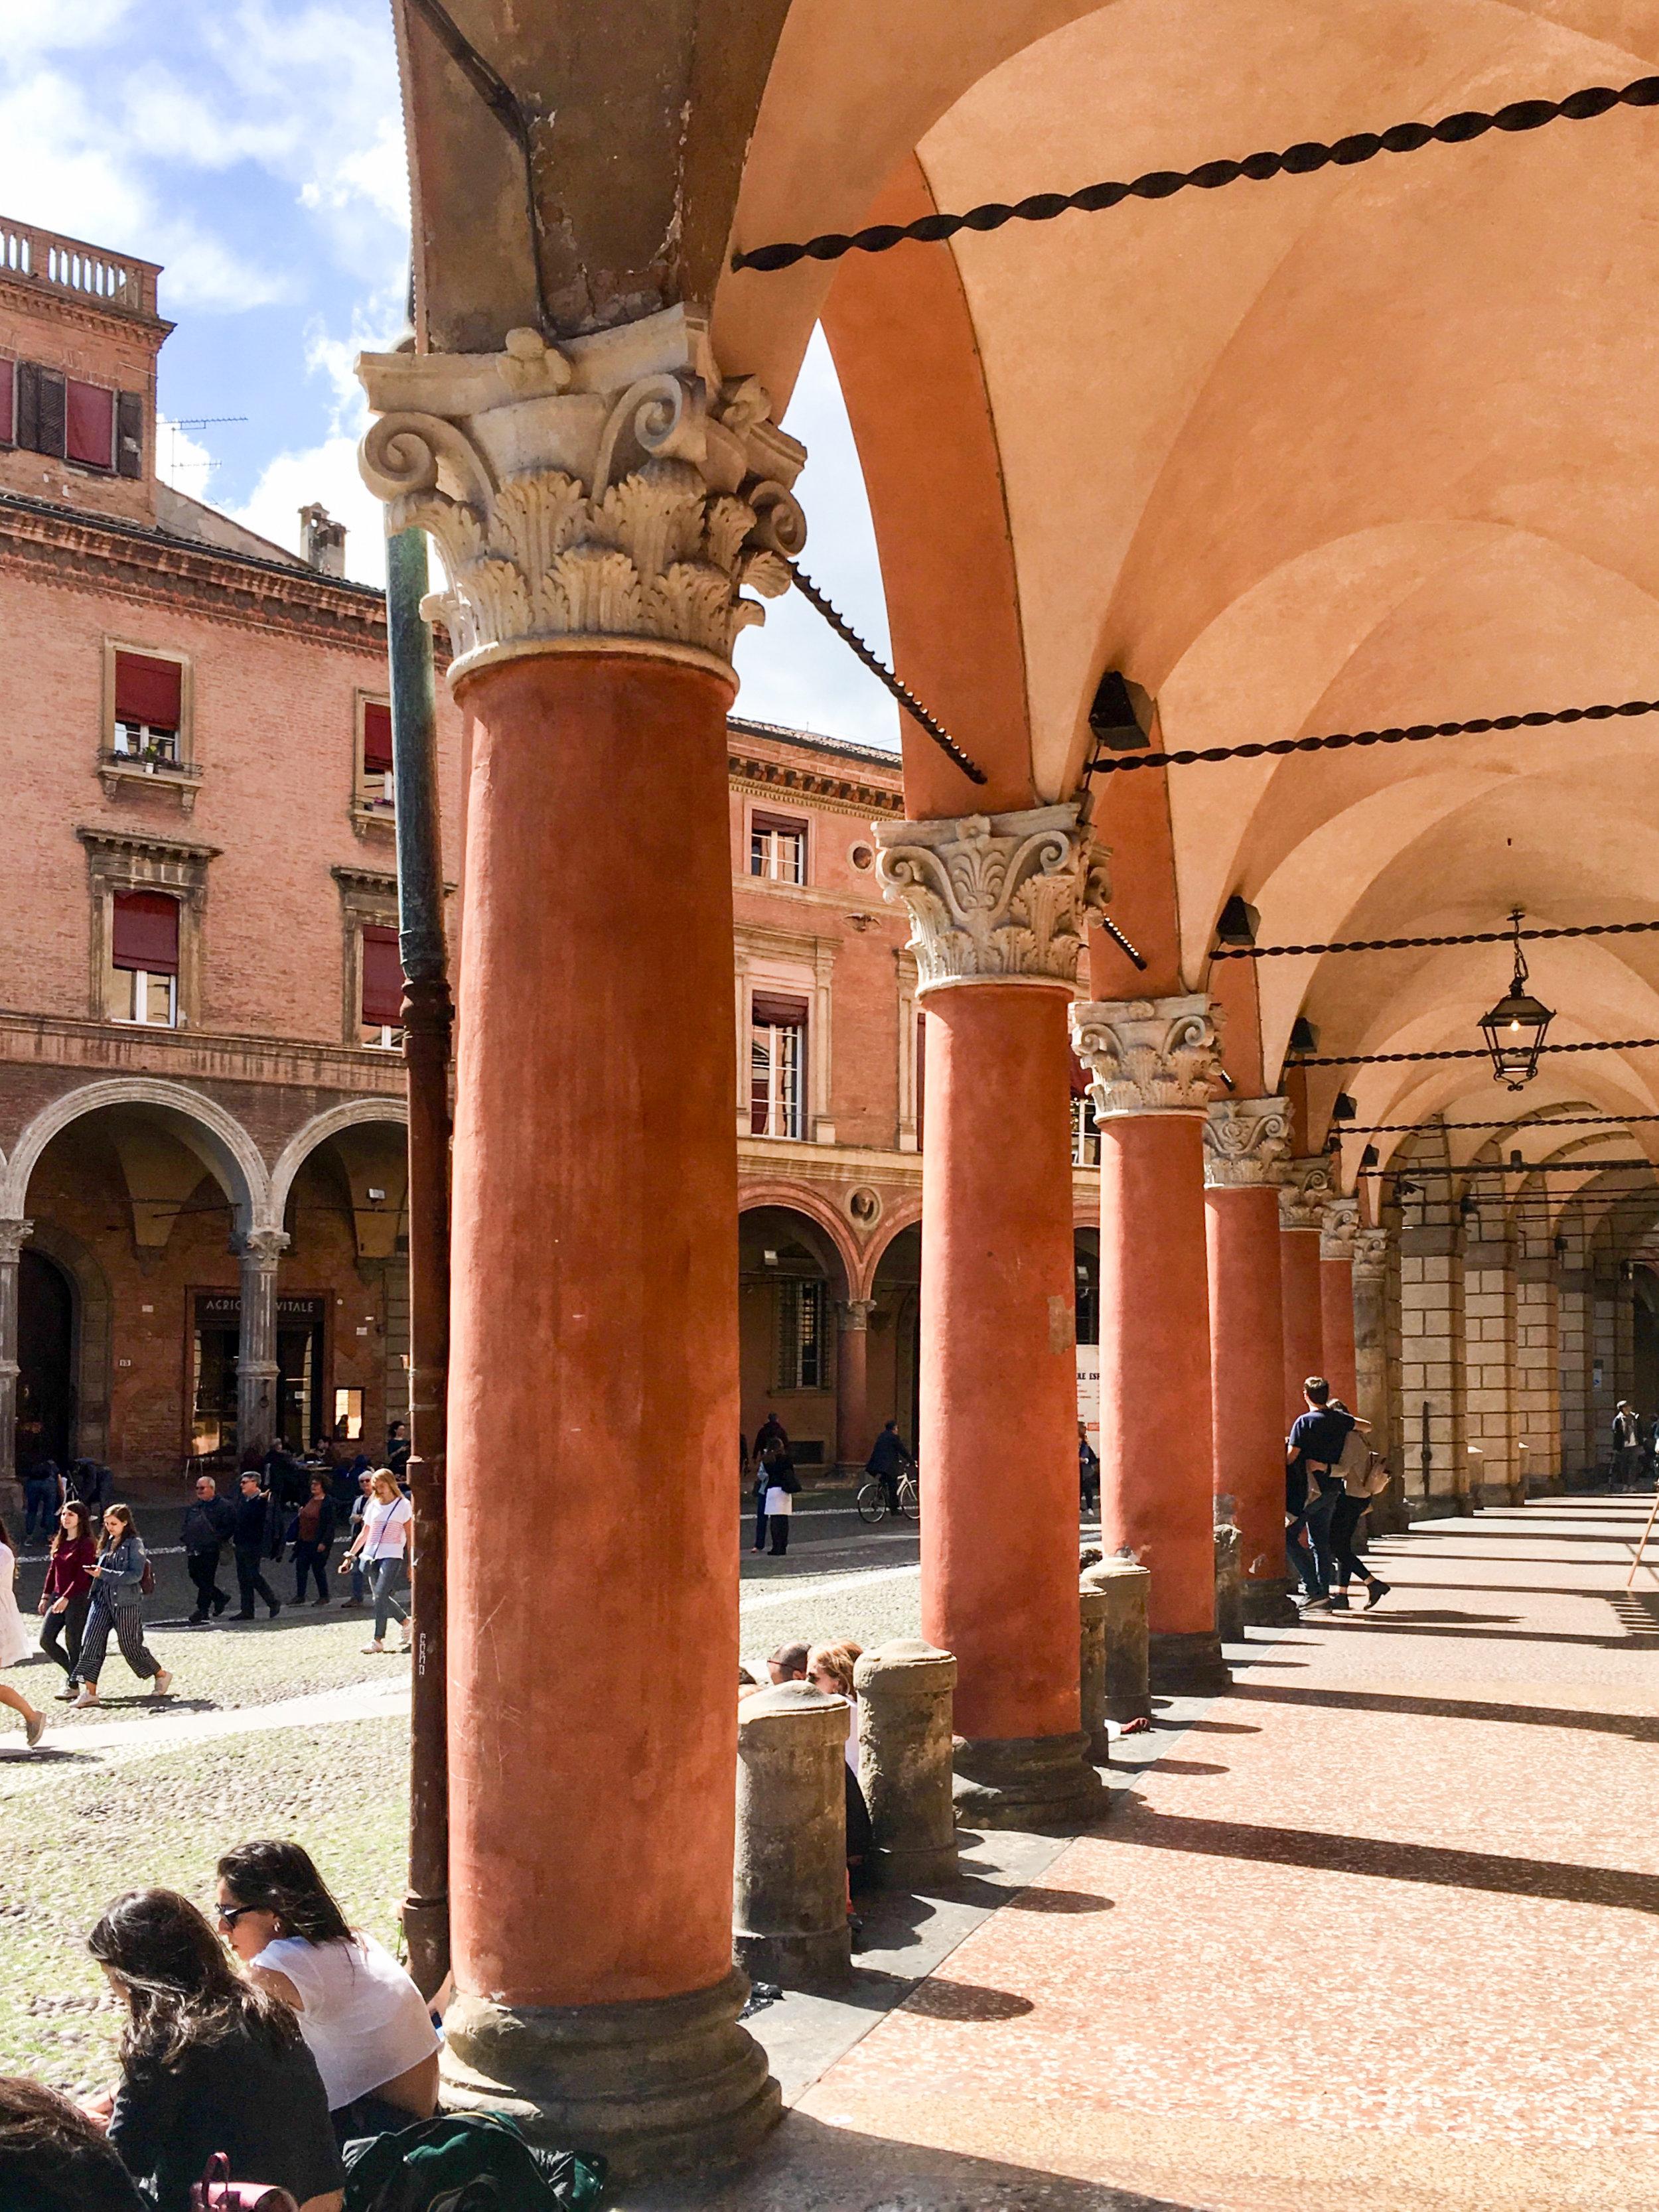 Arcade in Bologna